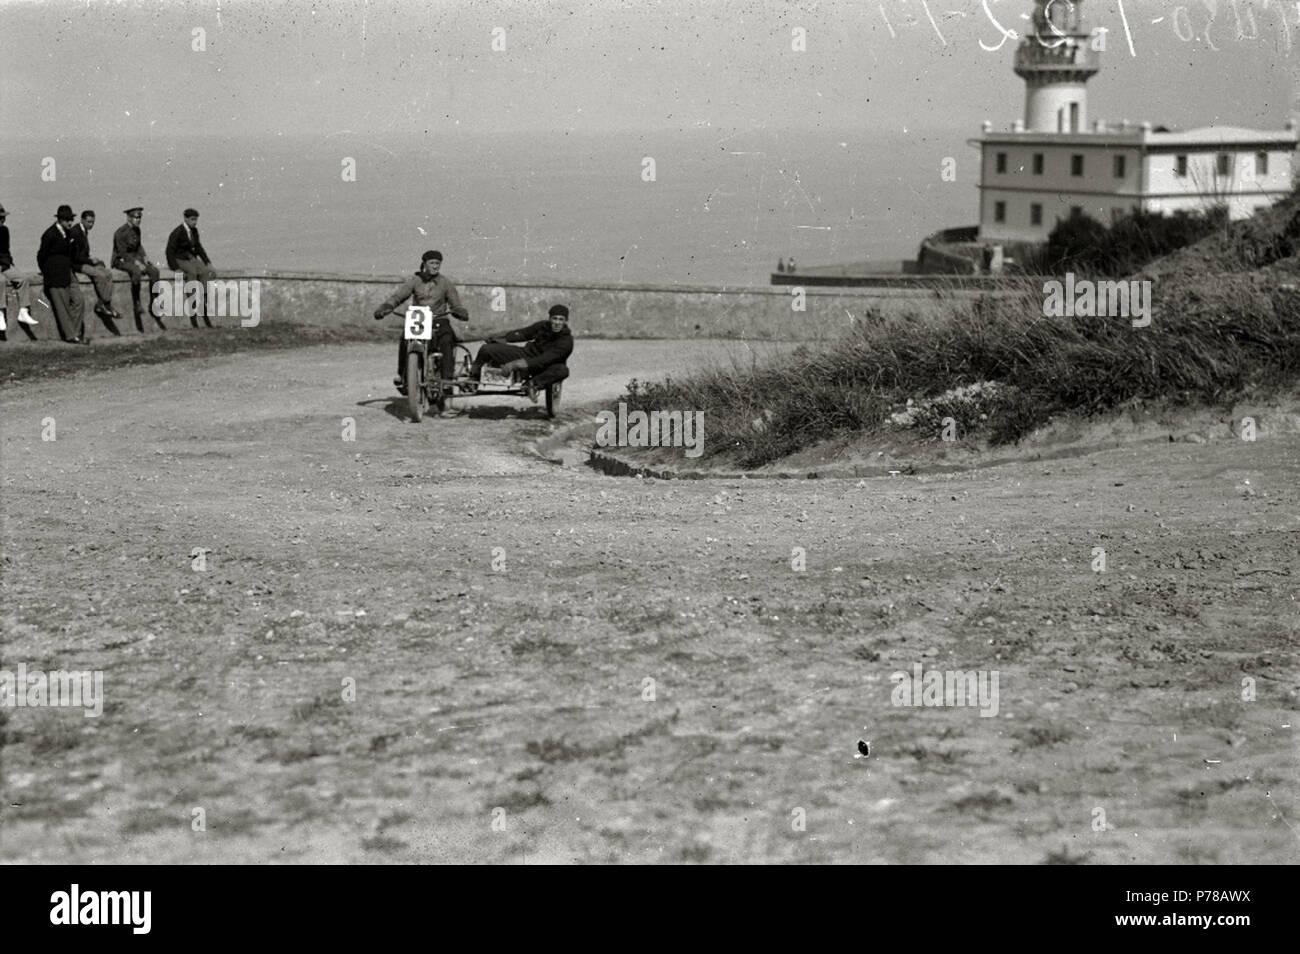 Español: Título original: Motociclismo por el Paseo del Faro (2/6) Localización: San Sebastián (Guipúzcoa)  . 1922 47 Motociclismo por el Paseo del Faro (2 de 6) - Fondo Car-Kutxa Fototeka Stock Photo